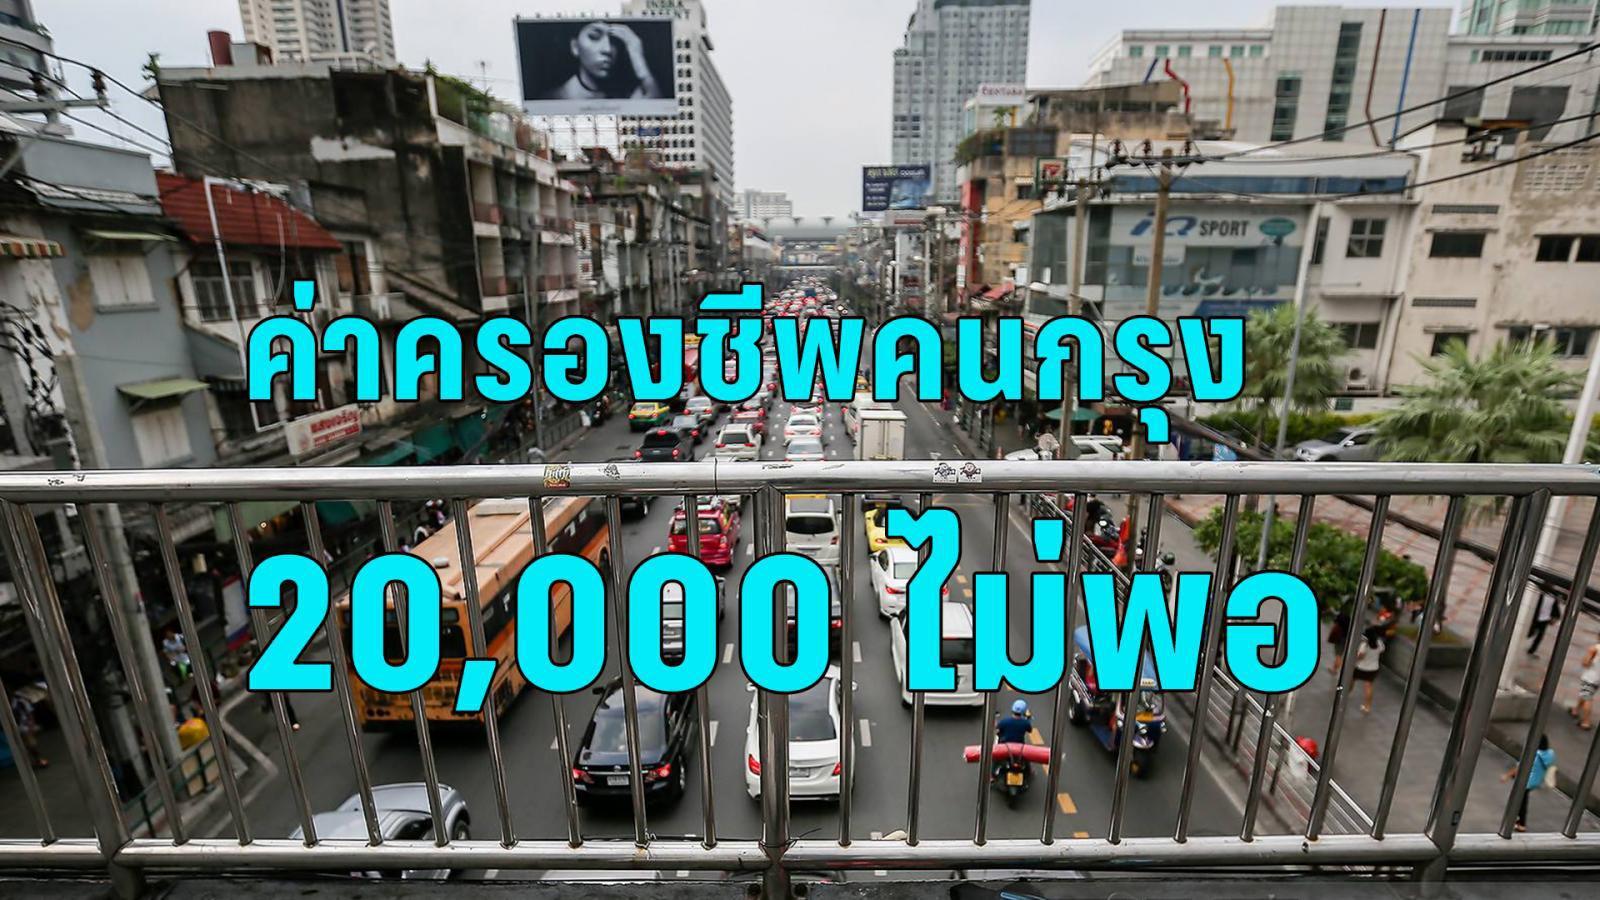 ค่าครองชีพ กทม.  อยู่คนเดียว 20,000 ไม่พอ